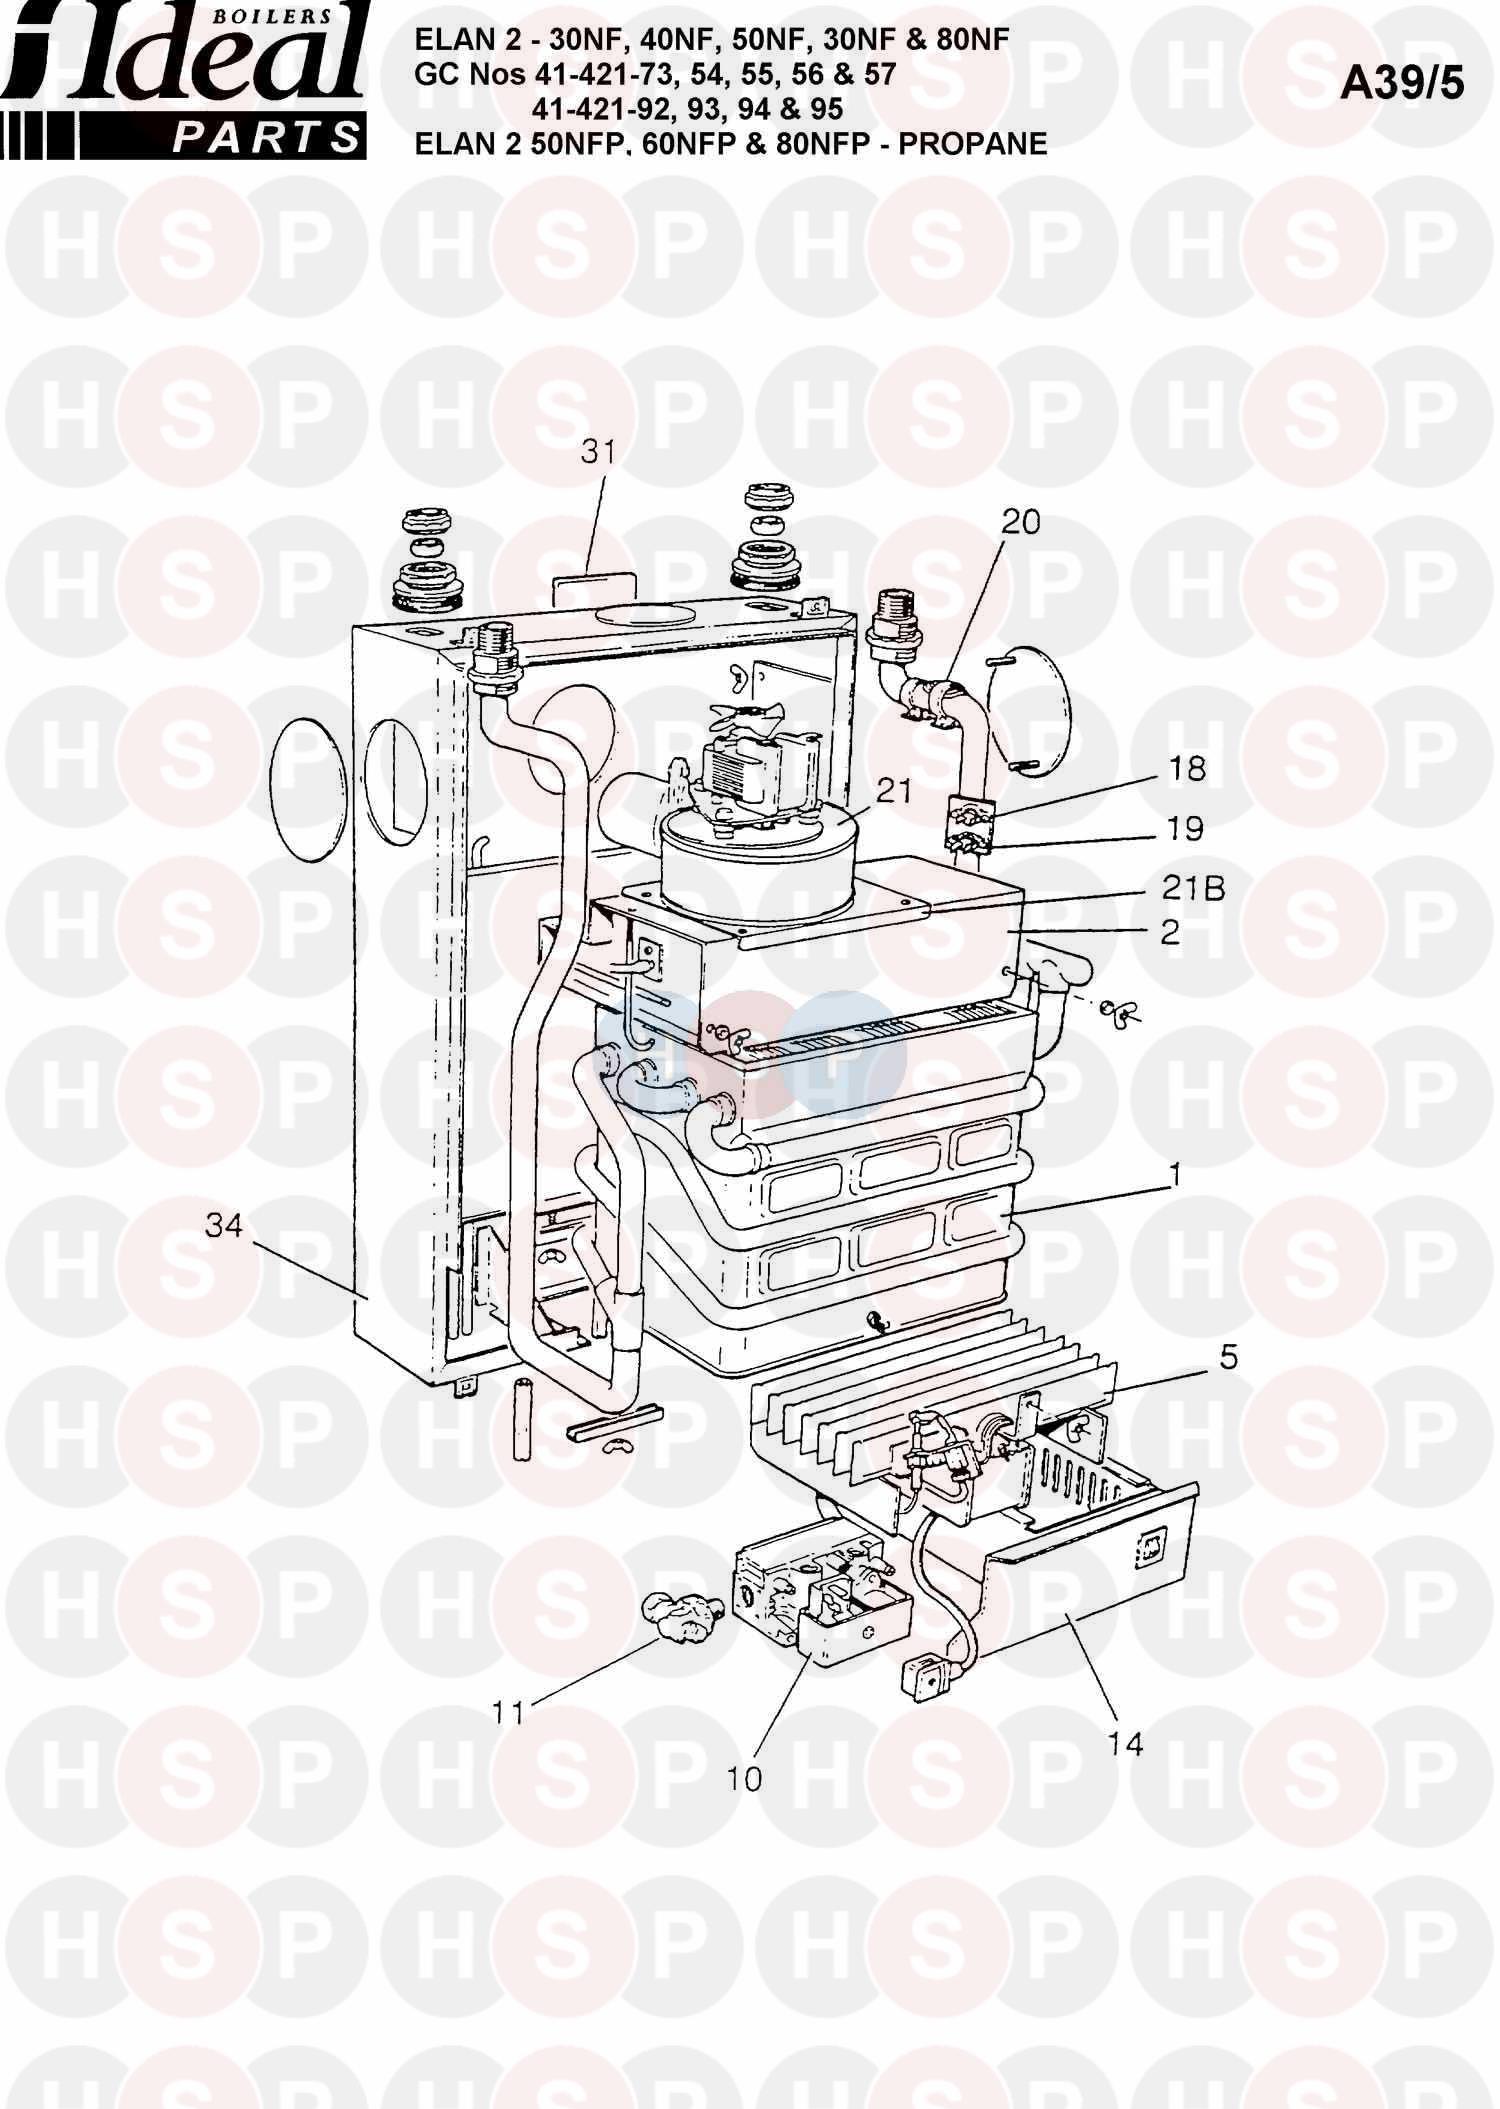 ideal elan 2 50nfp boiler assembly 1 diagram heating. Black Bedroom Furniture Sets. Home Design Ideas